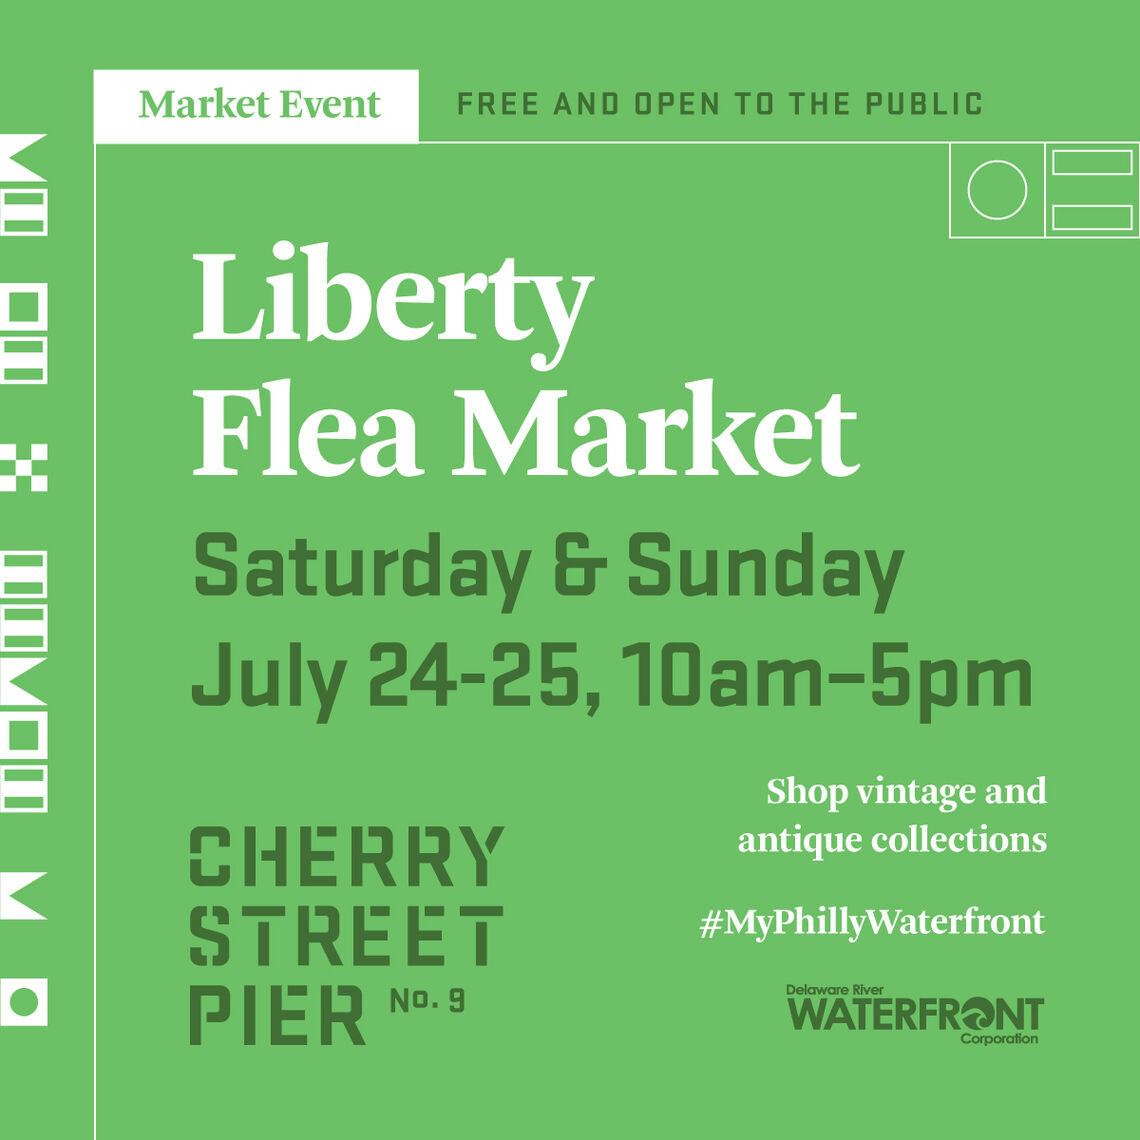 liberty flea market 2021 07 24 social